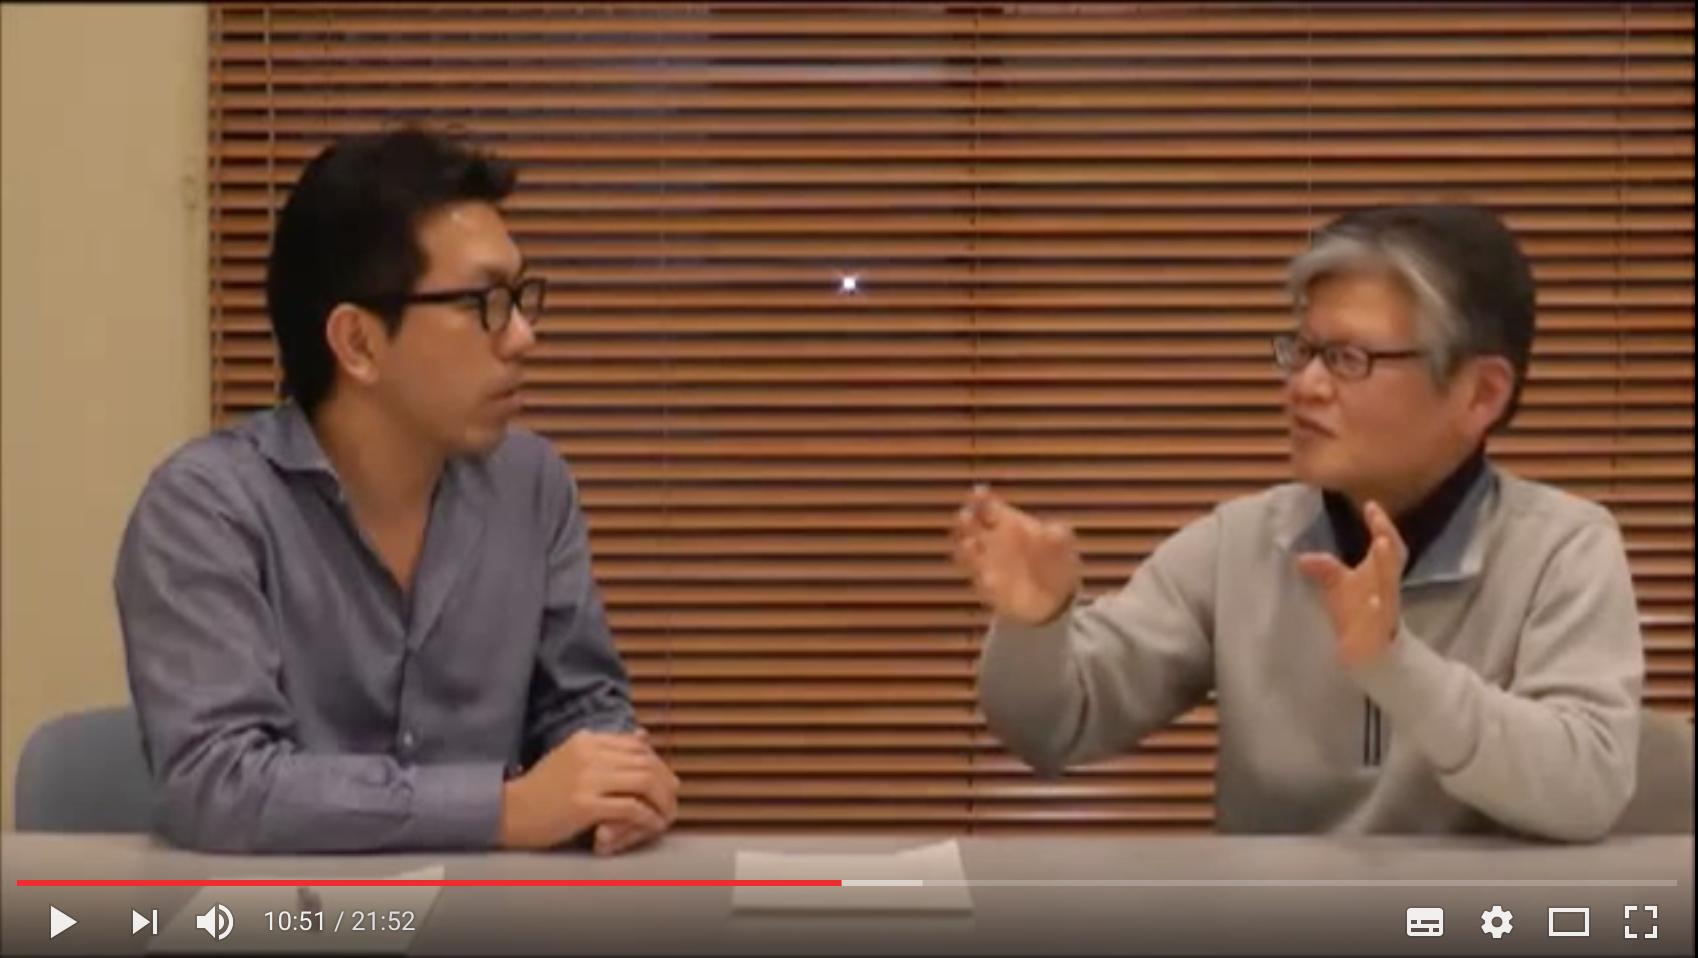 プロフェッショナル起業家対談インタビューせどりコンサルタント西村さん